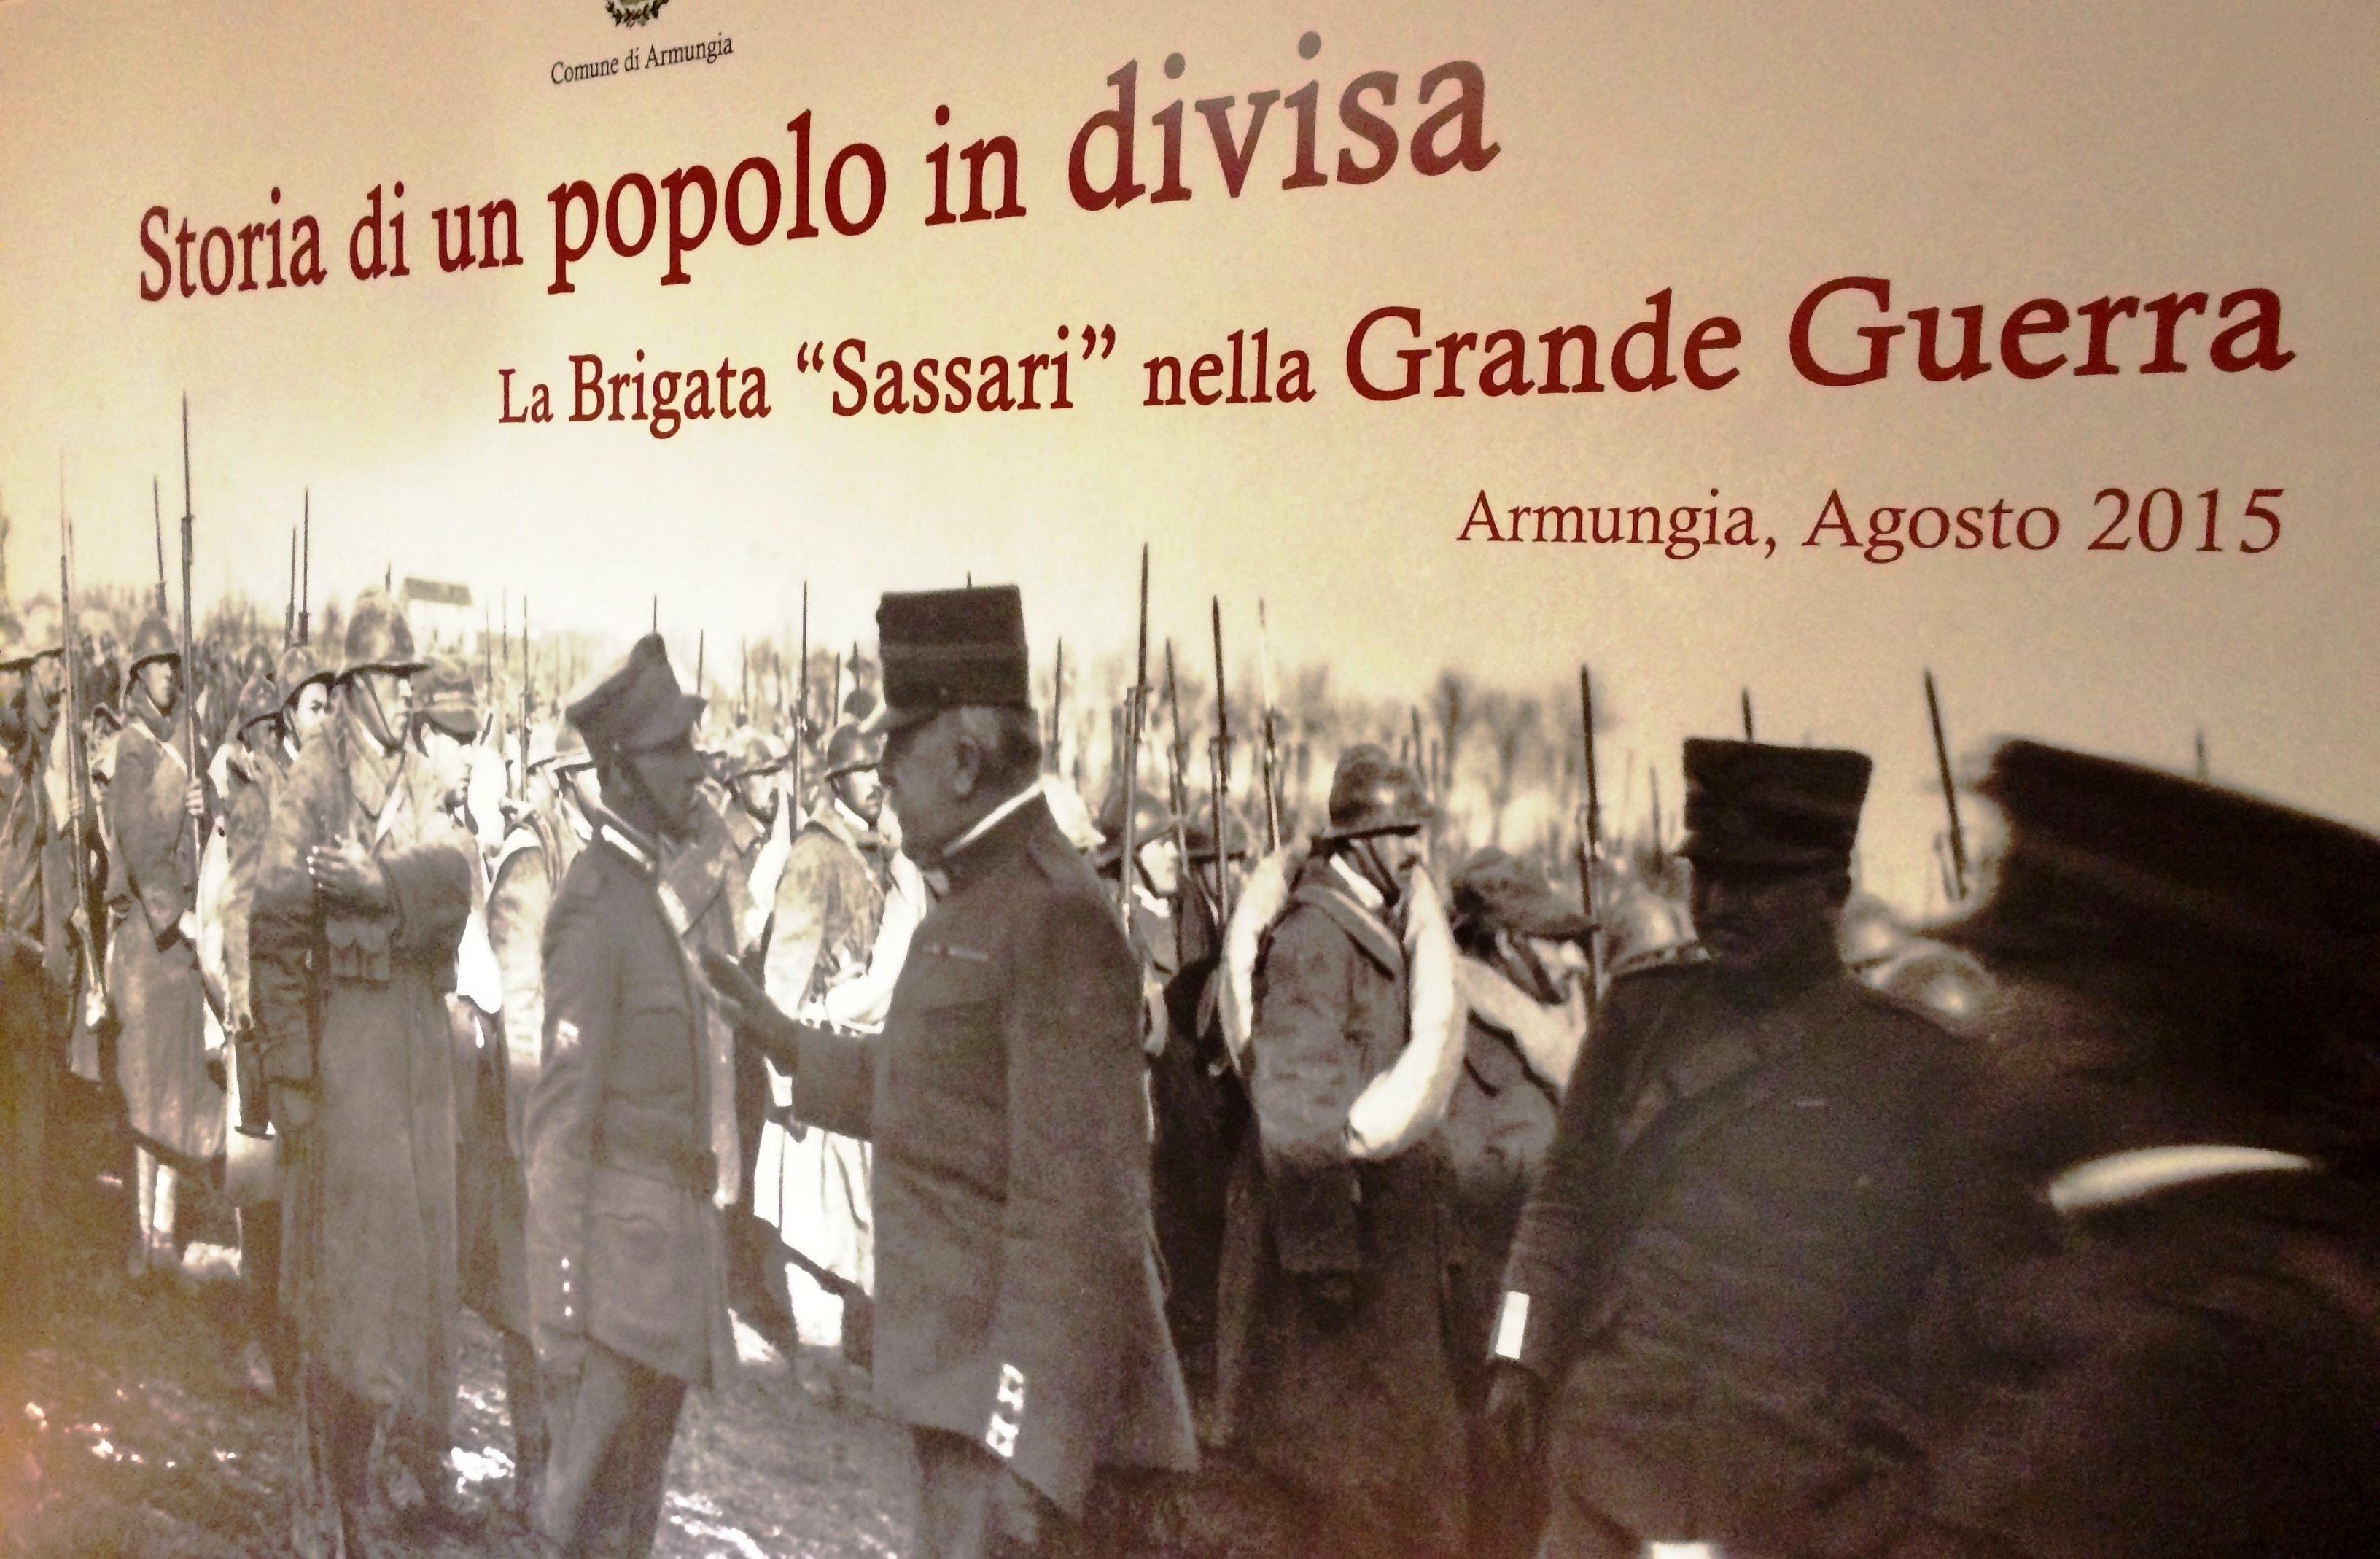 """La mostra """"Storia di un popolo in divisa: La Brigata Sassari nella Grande Guerra"""" al Museo Lussu di Armungia è stata prorogata fino al 31 Agosto 2016."""